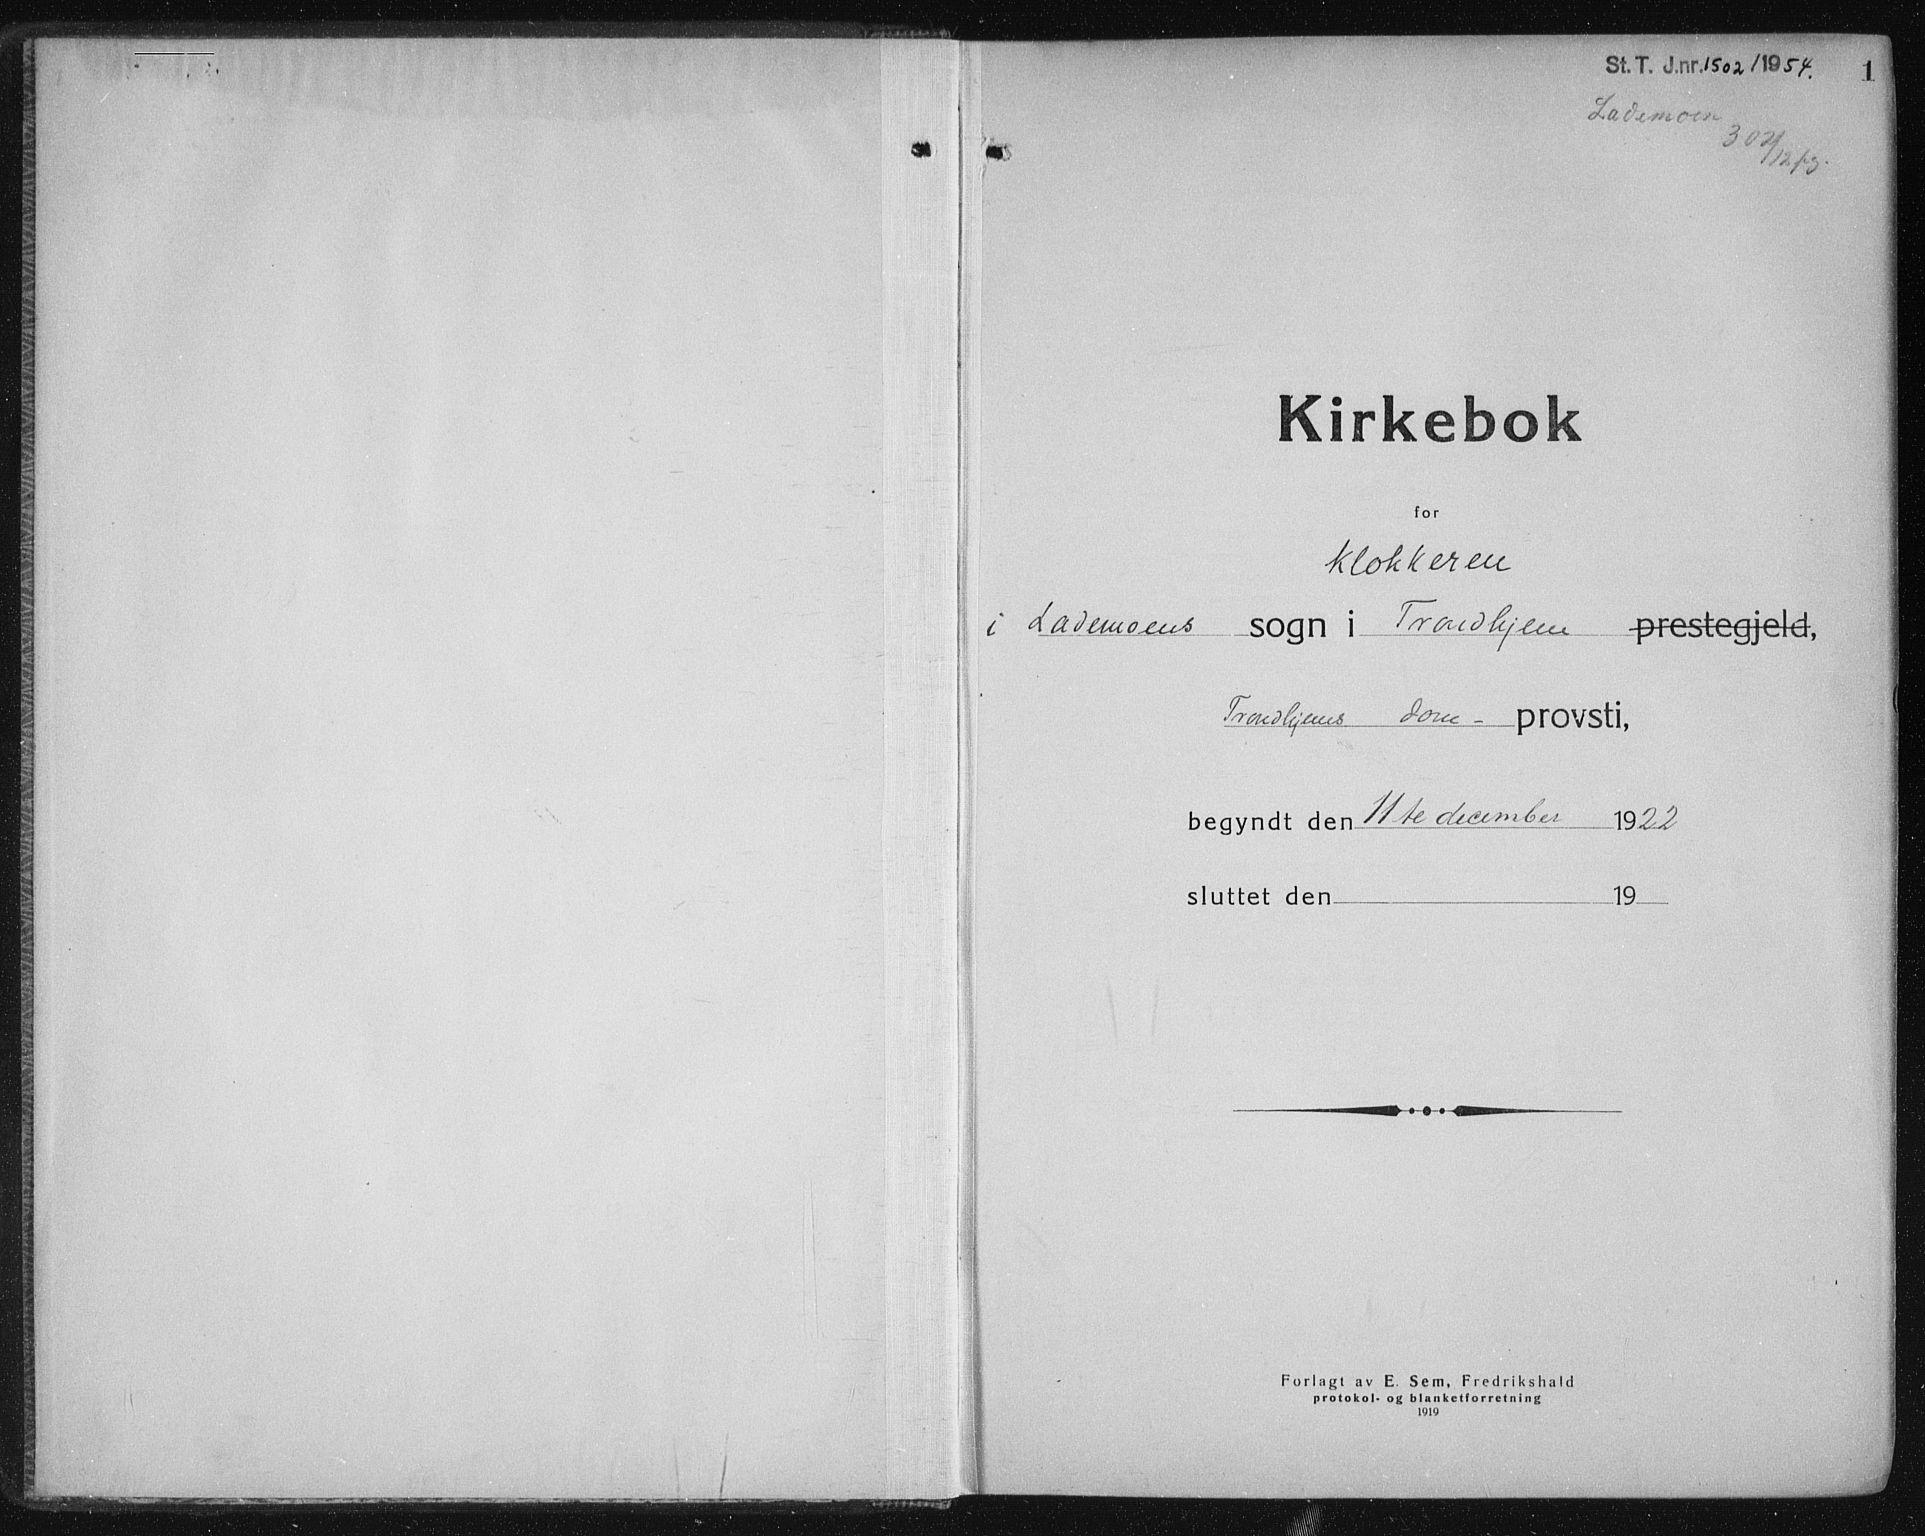 SAT, Ministerialprotokoller, klokkerbøker og fødselsregistre - Sør-Trøndelag, 605/L0260: Klokkerbok nr. 605C07, 1922-1942, s. 1